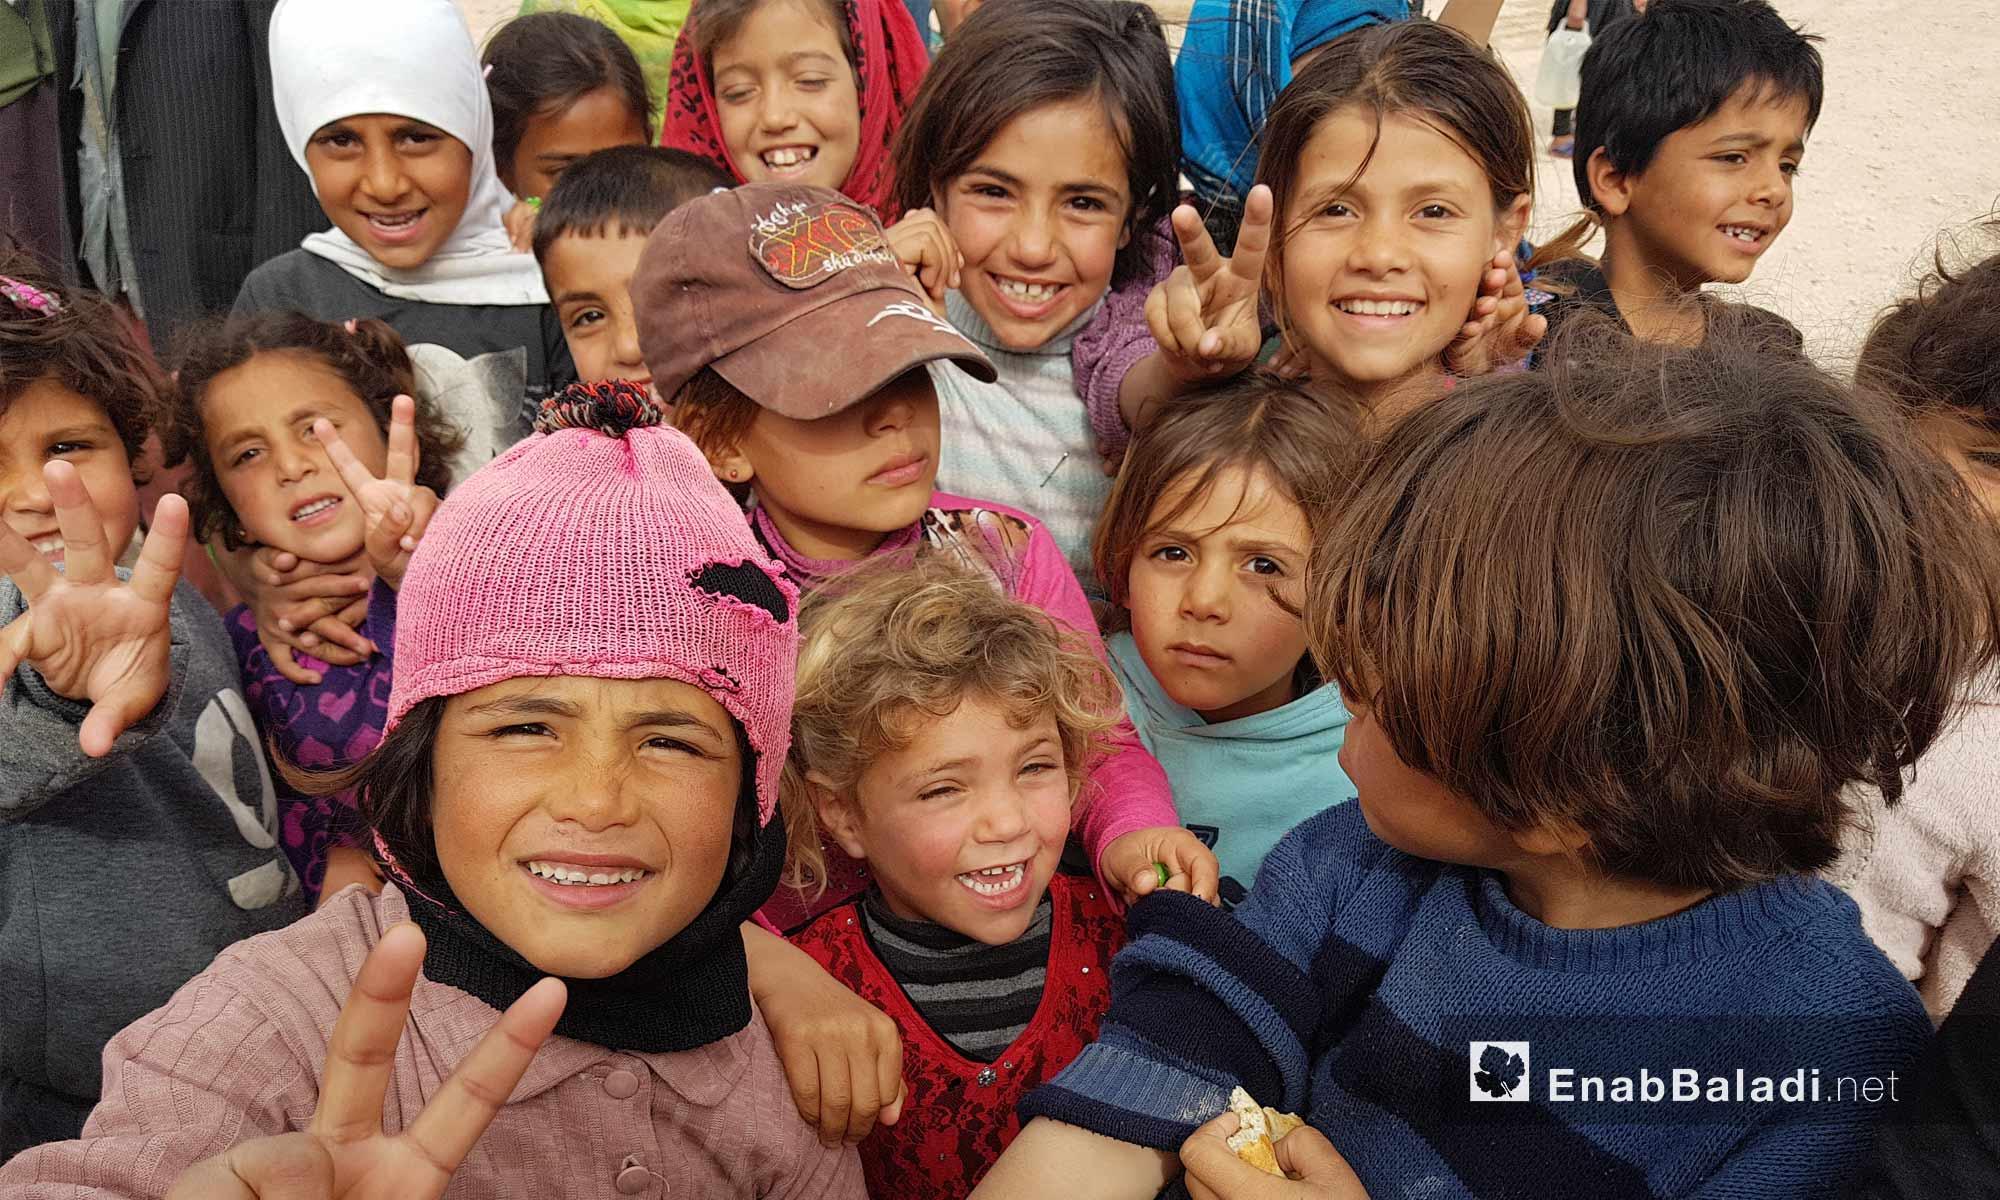 أطفال يرفعون إشارة النصر في مخيم العريشة بريف الحسكة الجنوبي- 9 آذار 2018 (عنب بلدي)